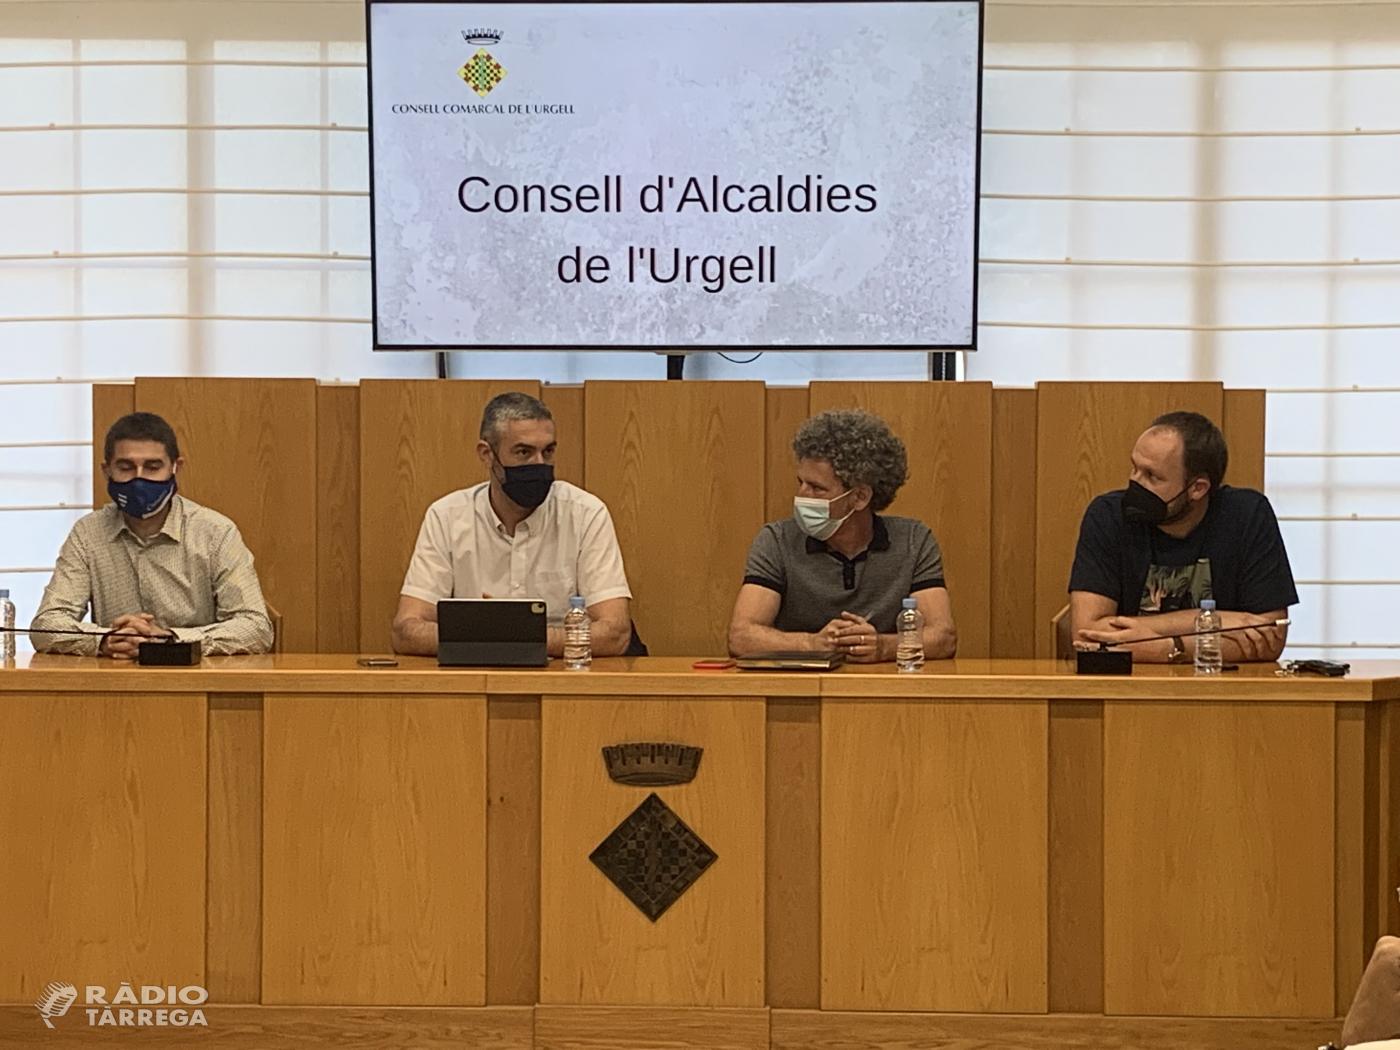 Óscar Martínez, alcalde de Ciutadilla, assumeix la presidència del Consell d'Alcaldes de l'Urgell